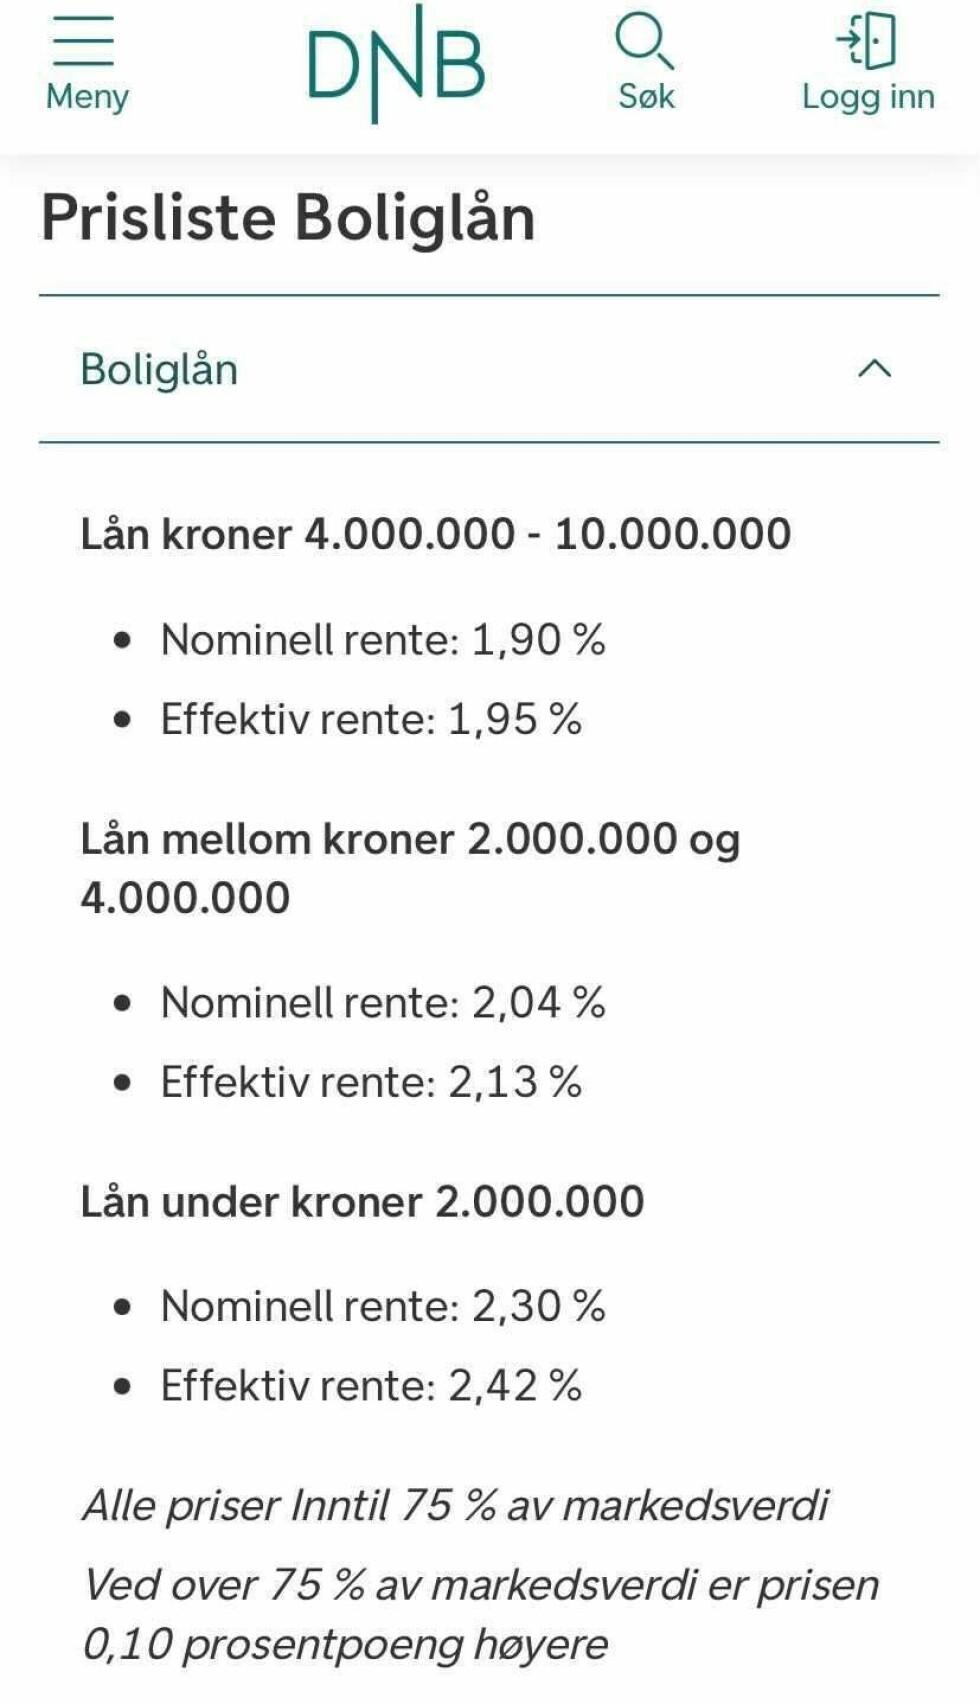 DNB: Som du ser, er DNB én av bankene som har høyere renter for de med lave lån enn de med høye. Foto: skjermdump.